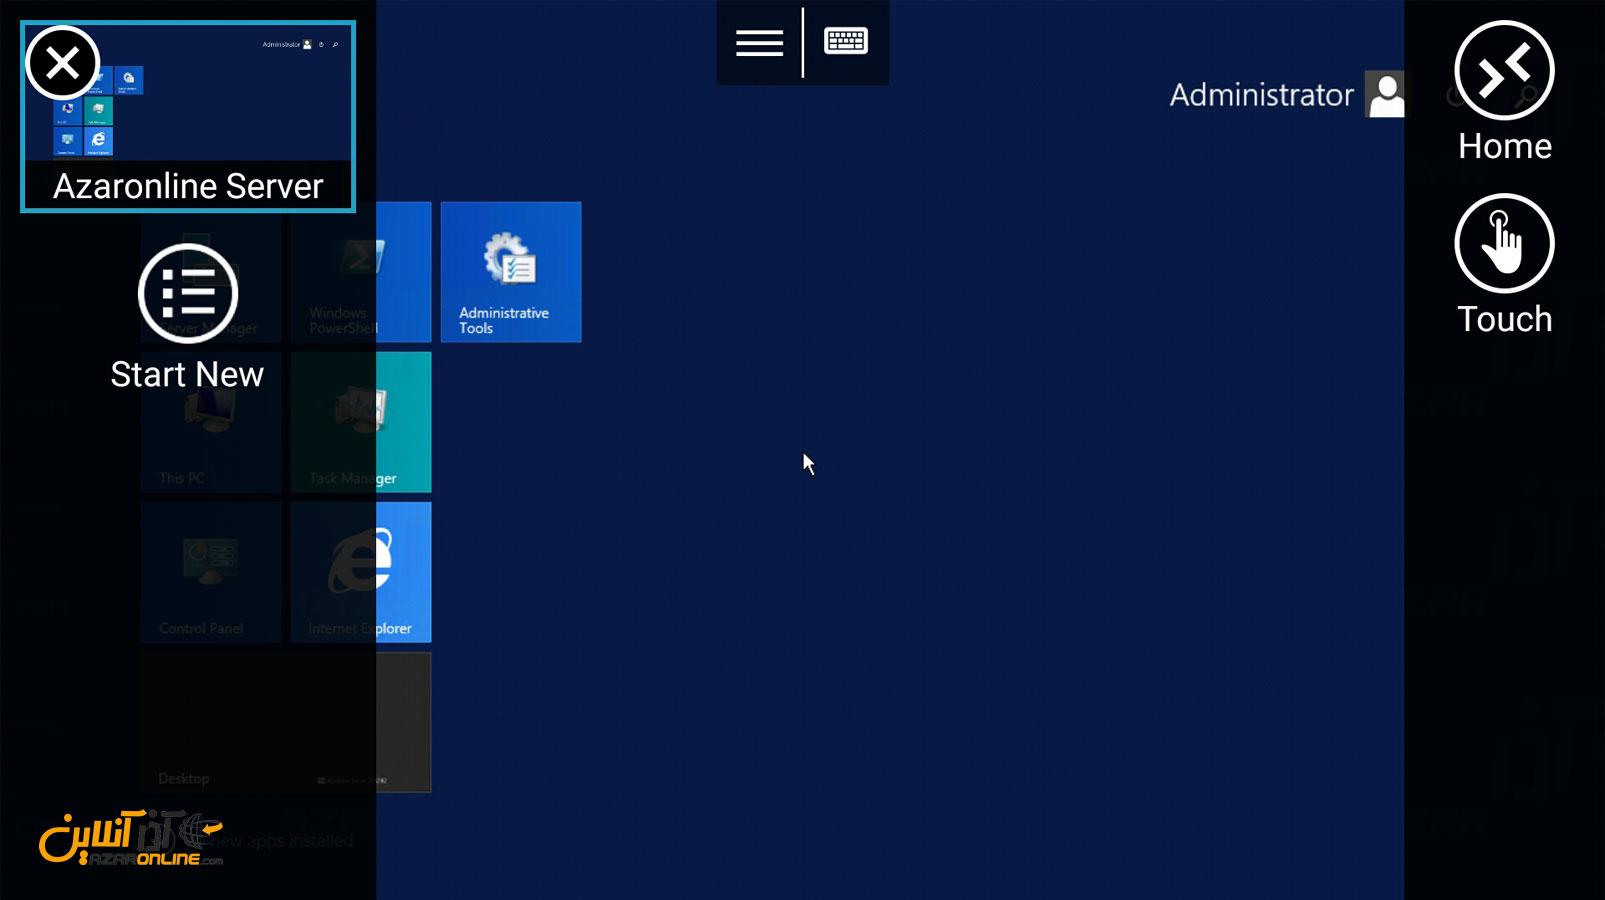 آموزش اتصال به سرور مجازی ویندوز با آندروید - نمایی از ریموت دسکتاپ